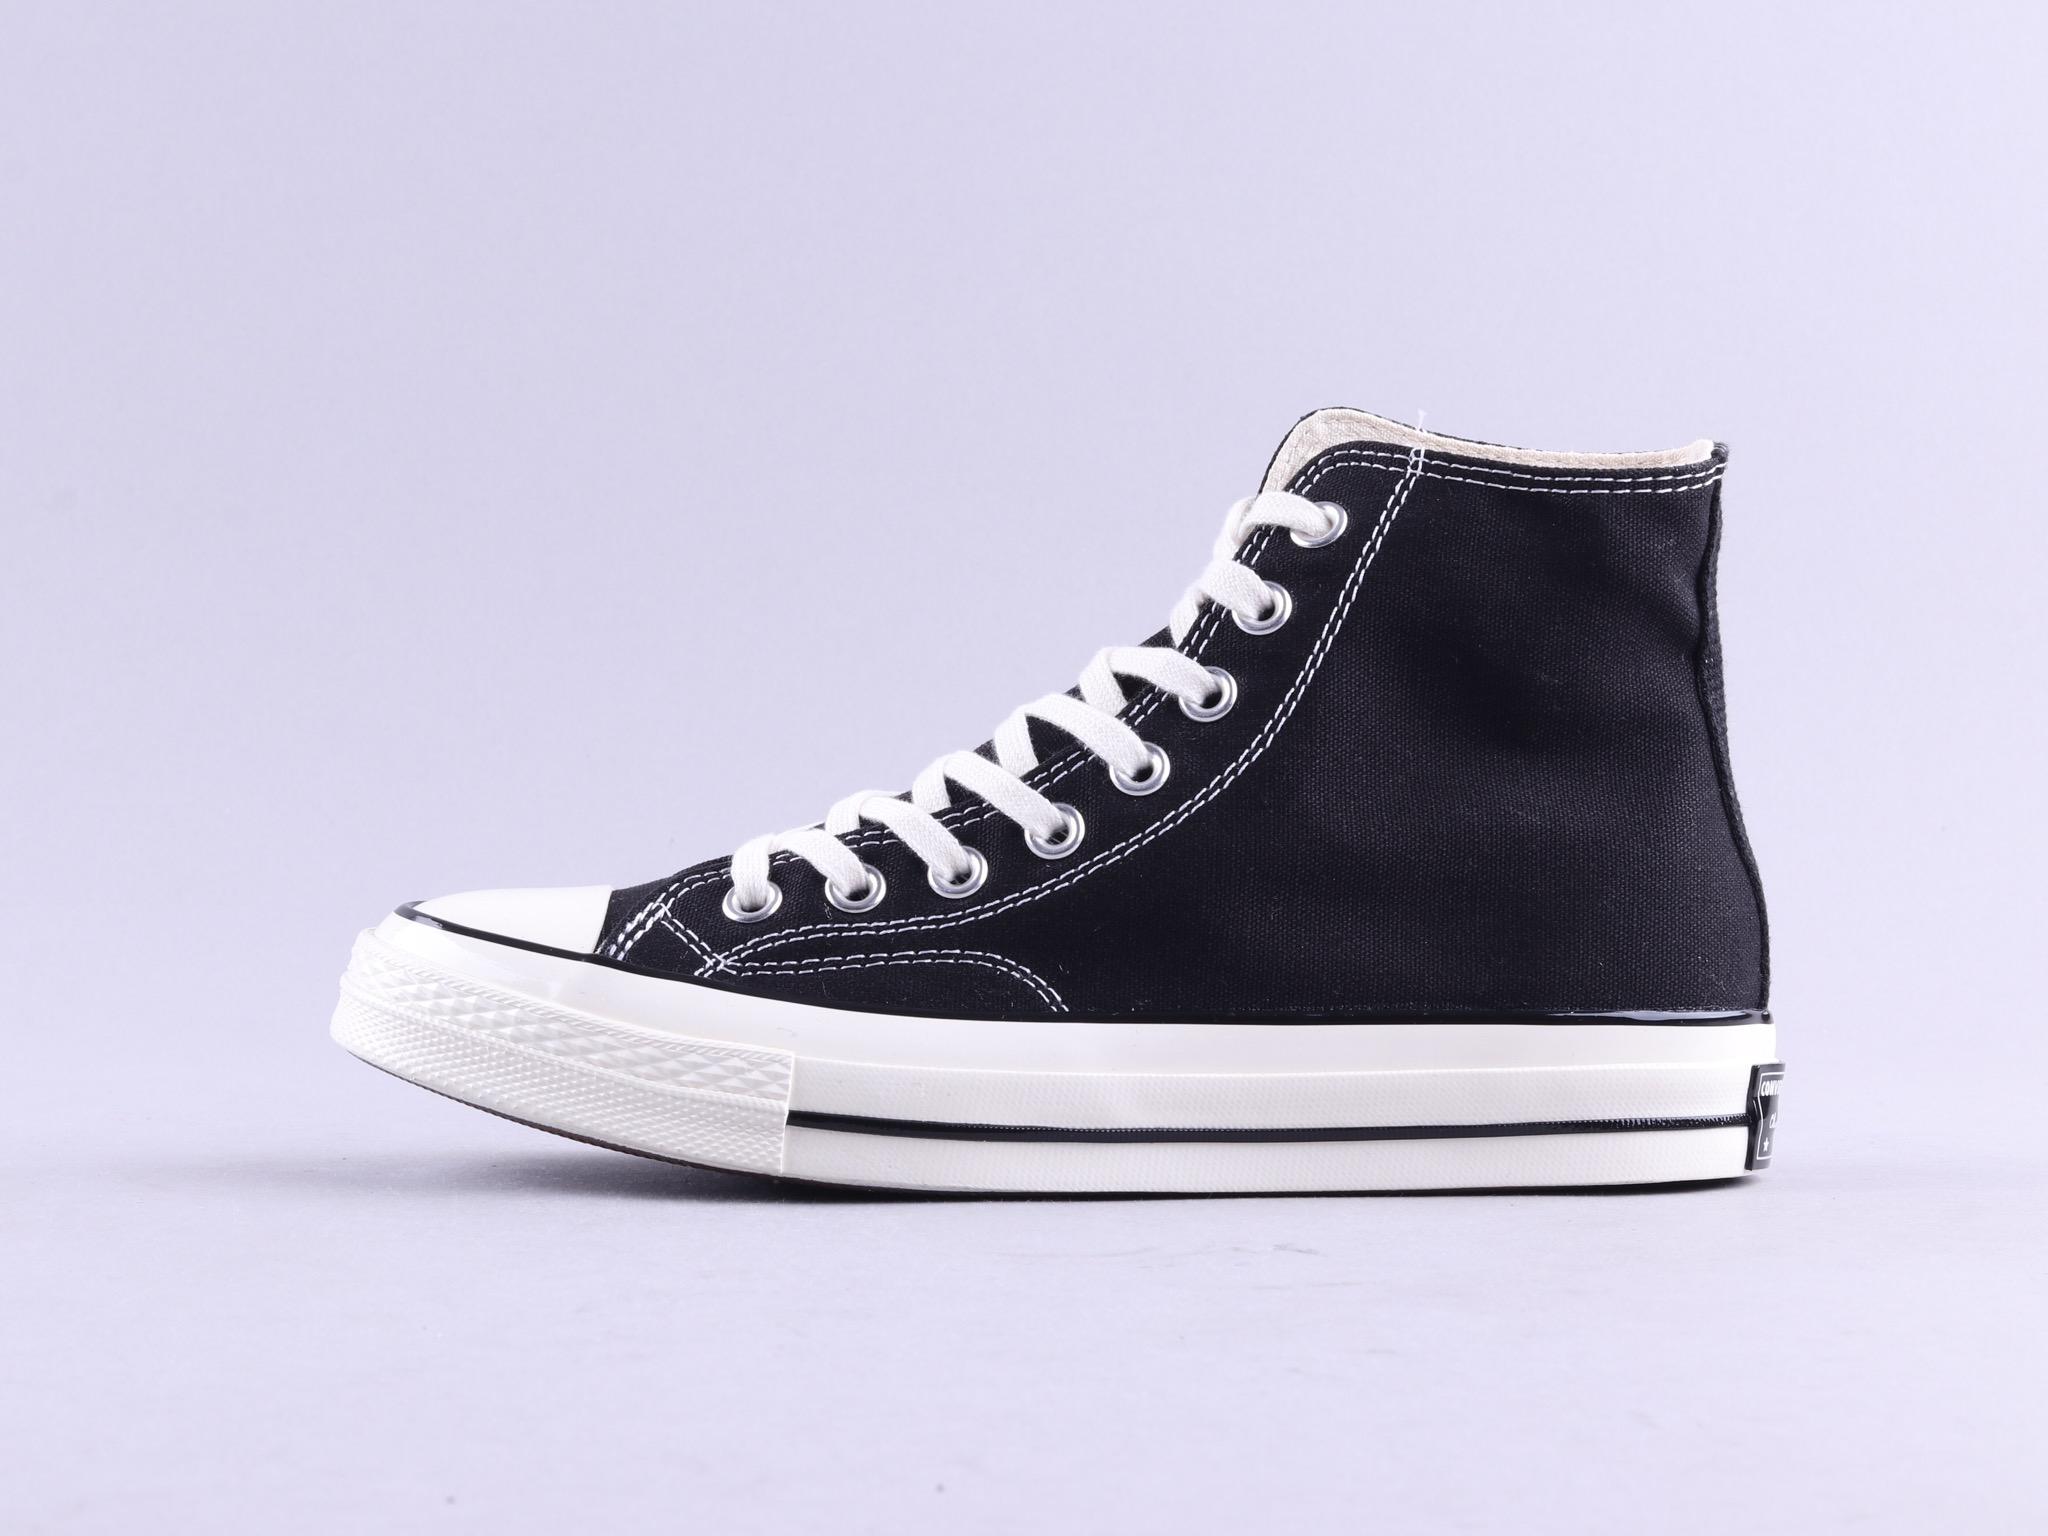 18新款 Converse All Star 70s 三星标黑色高帮